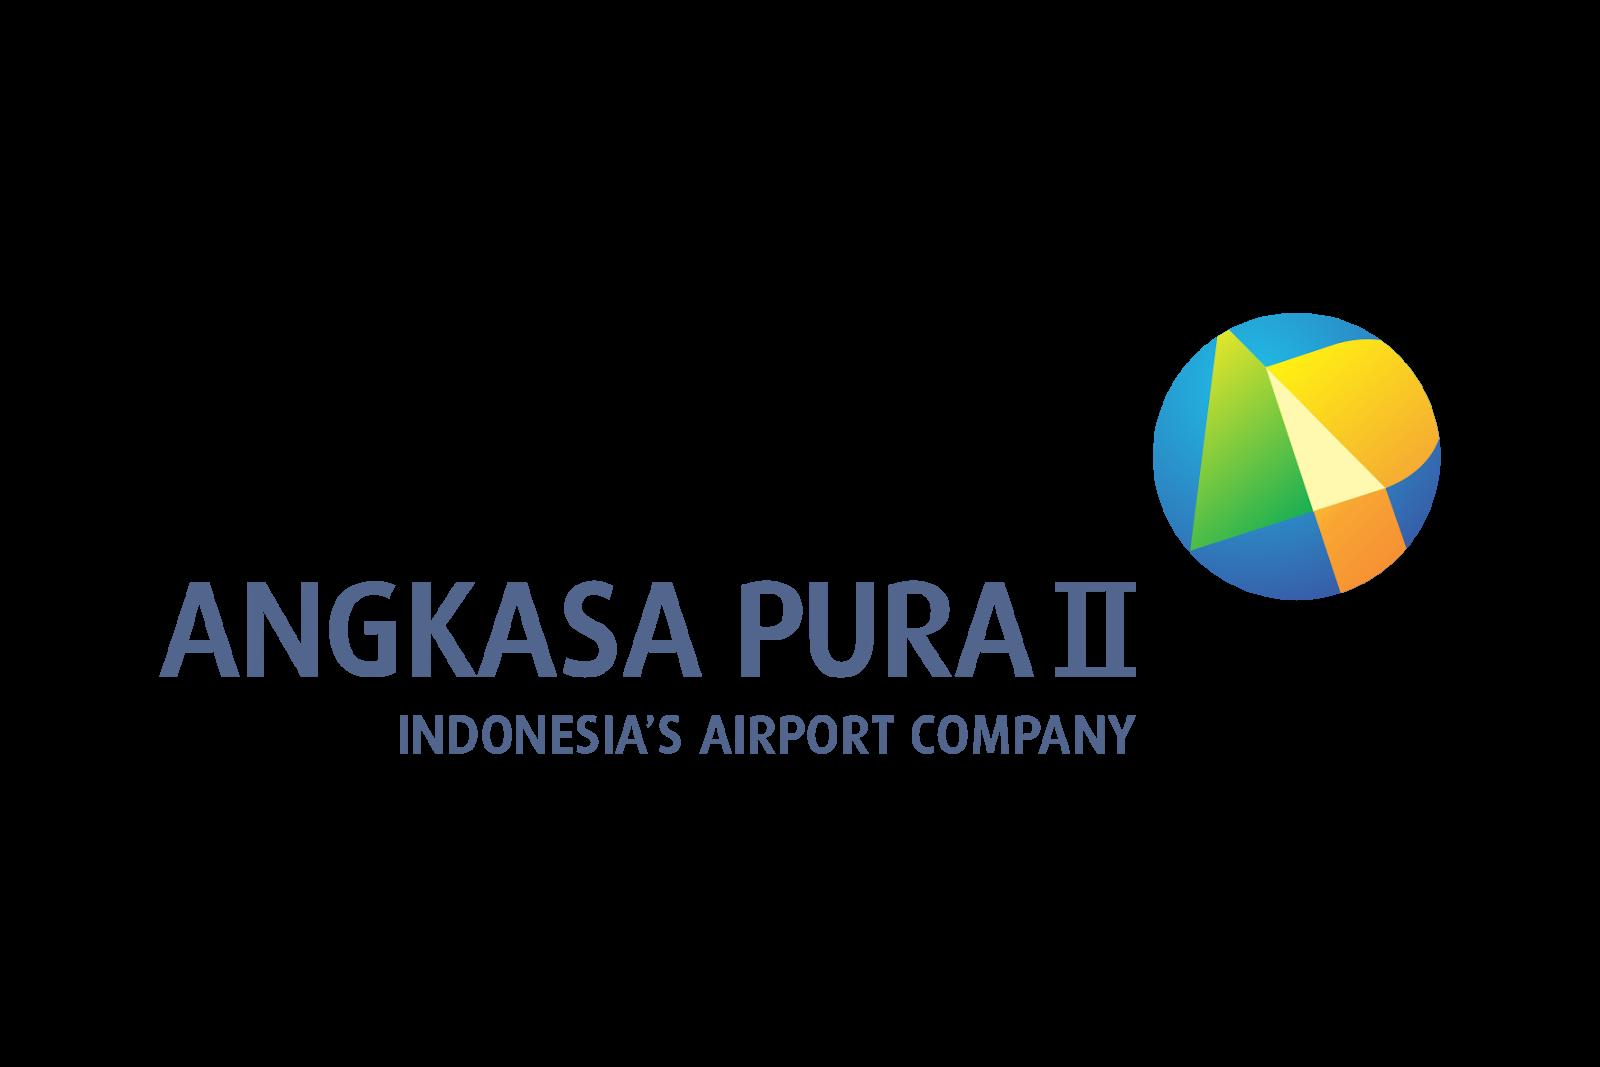 Logo Angkasa Pura II Baru